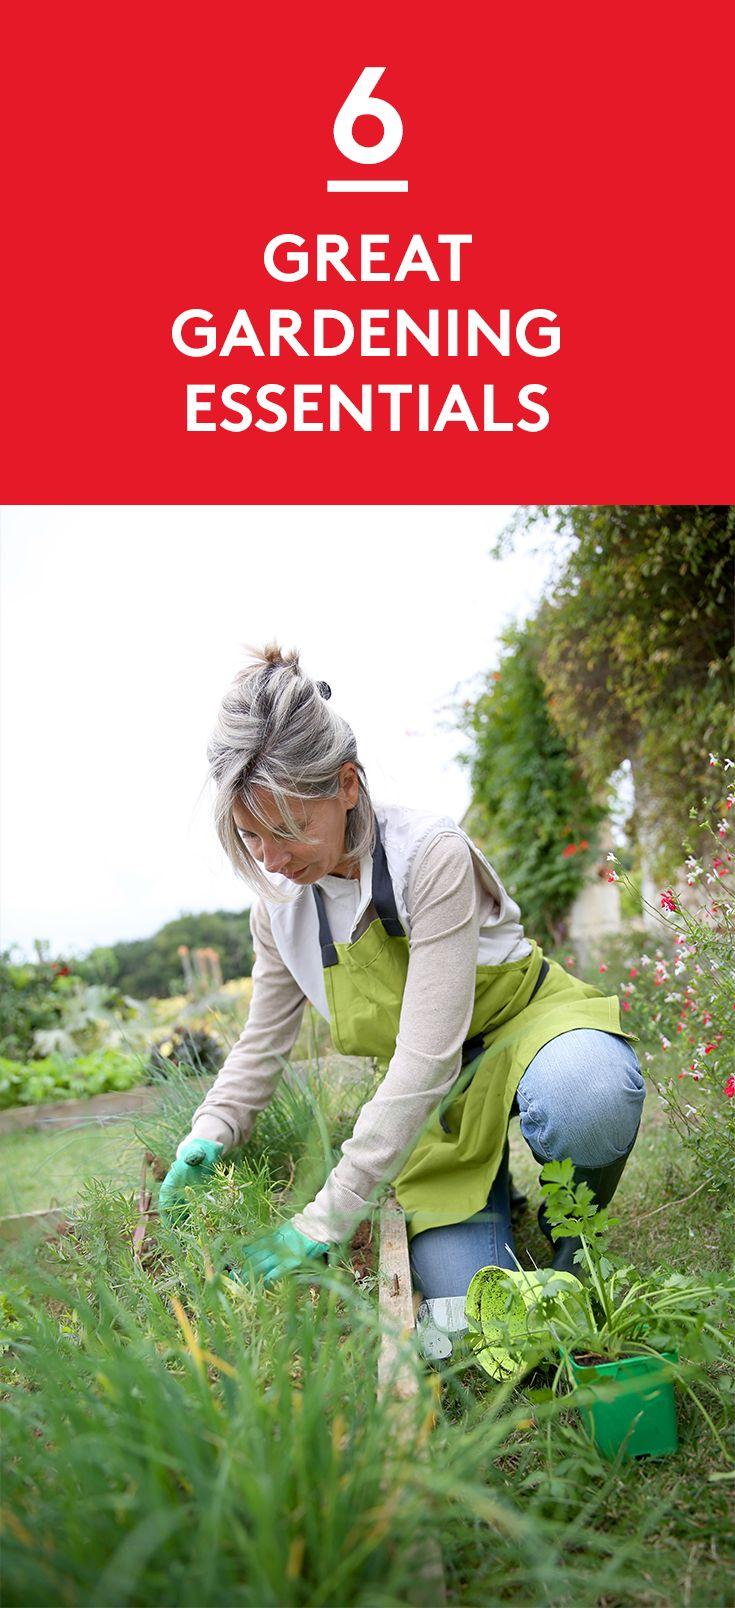 6 Great Gardening Essentials